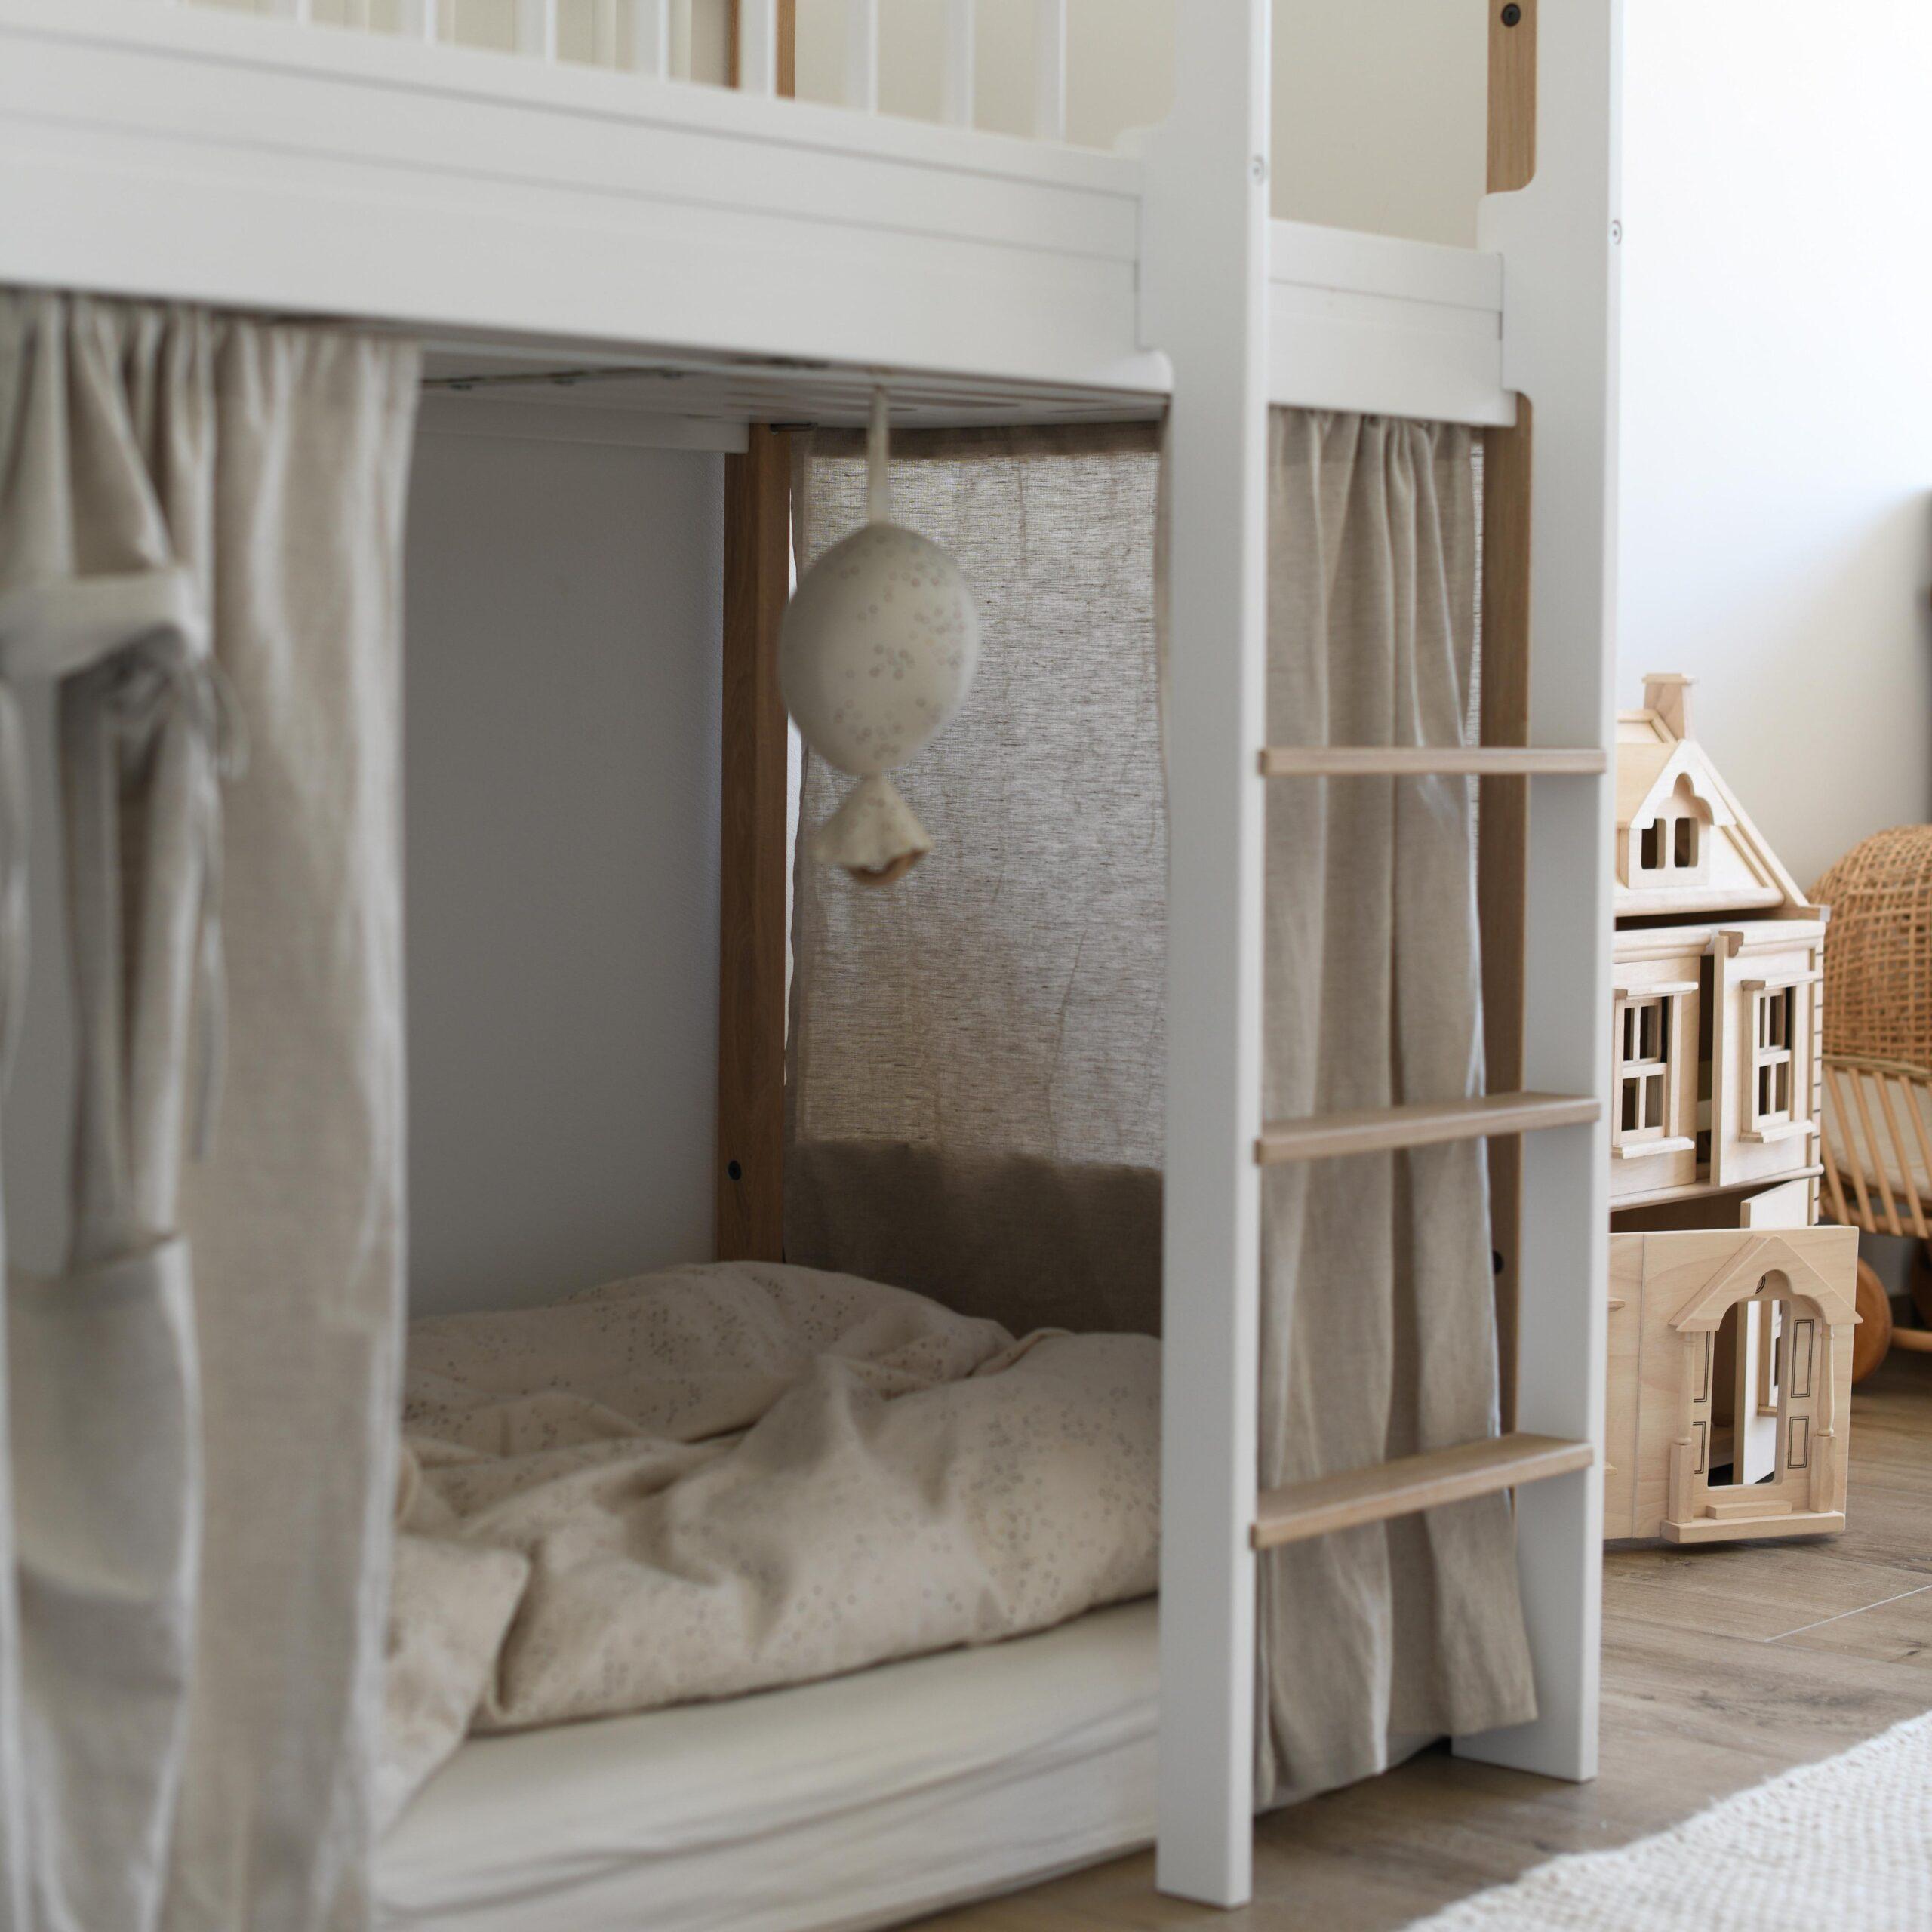 Full Size of Kinderbett Stauraum Schne Wohnideen Fr Kleinen Bei Couch Bett Mit 160x200 140x200 200x200 Betten Wohnzimmer Kinderbett Stauraum